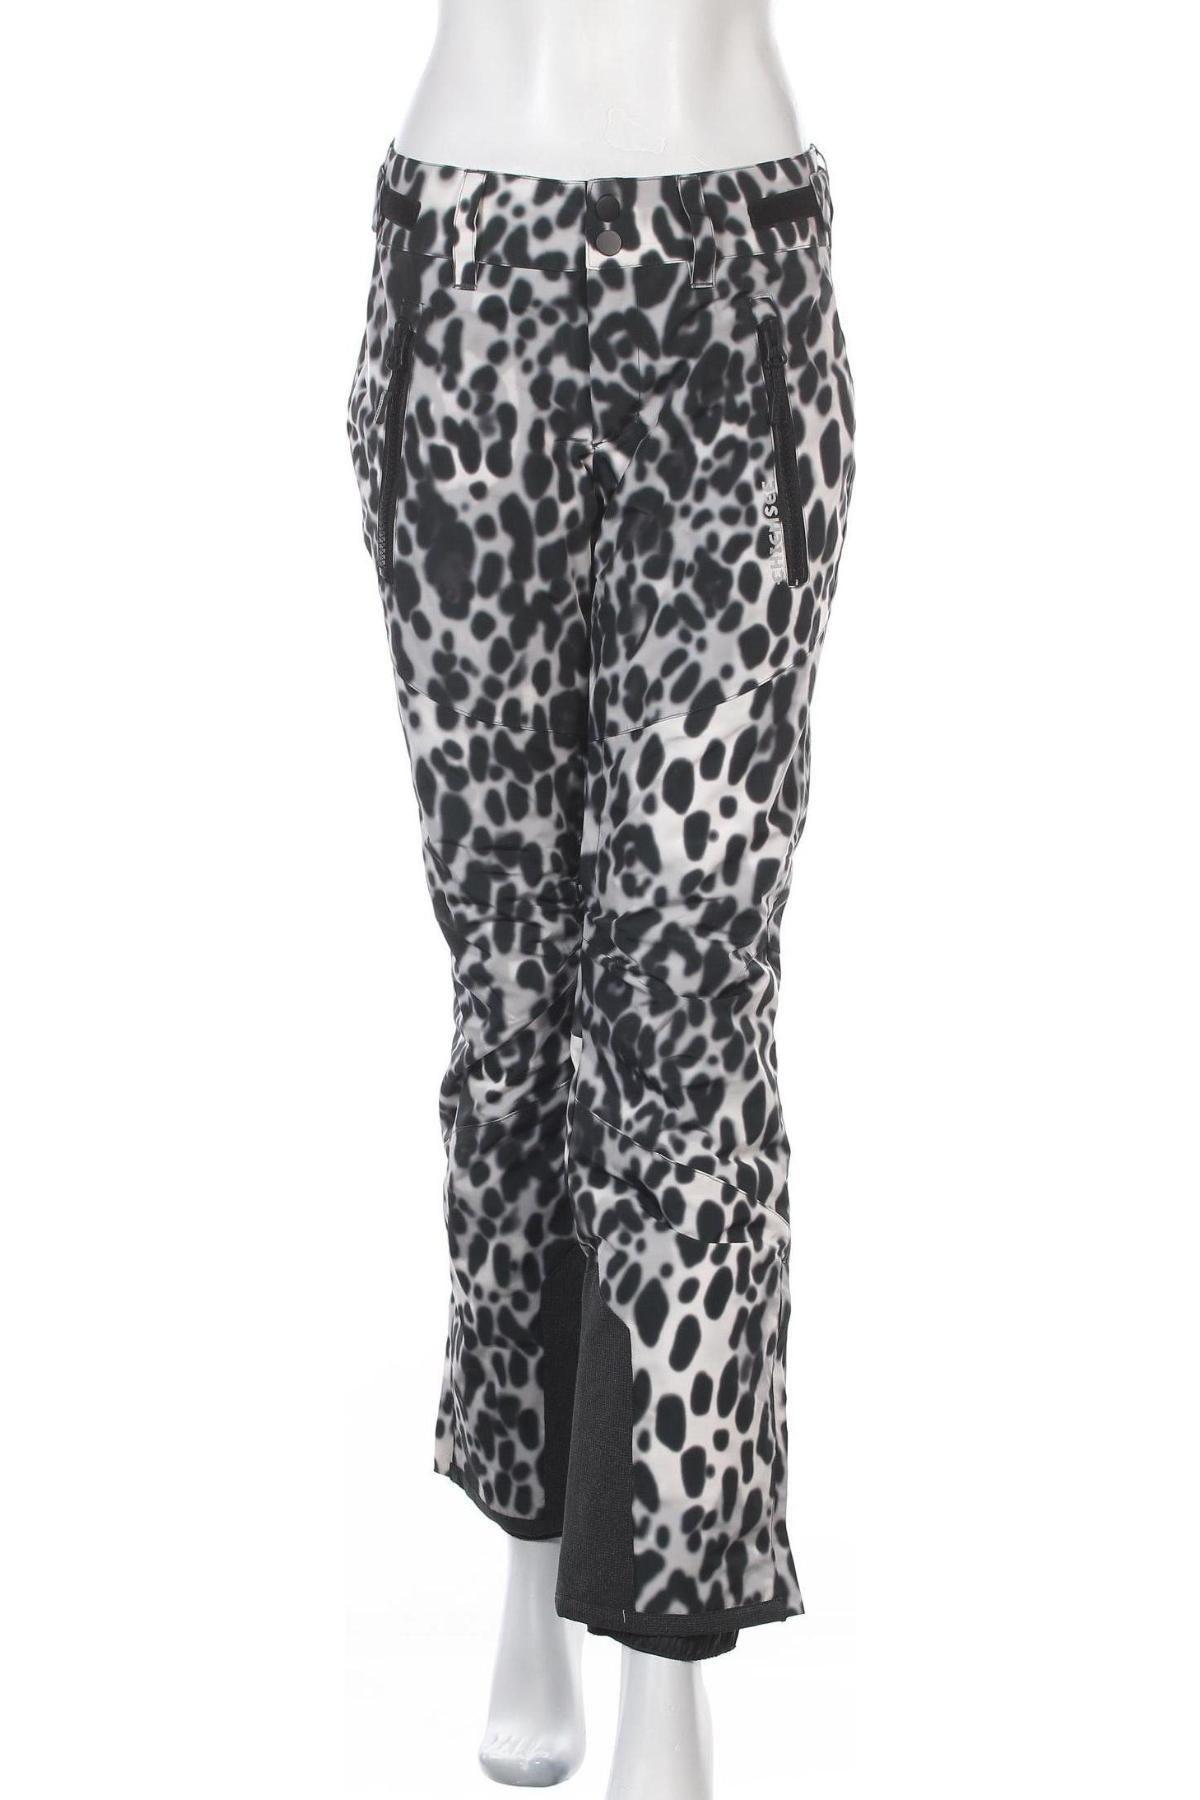 Дамски панталон за зимни спортове Chiemsee, Размер S, Цвят Черен, Полиестер, Цена 44,82лв.